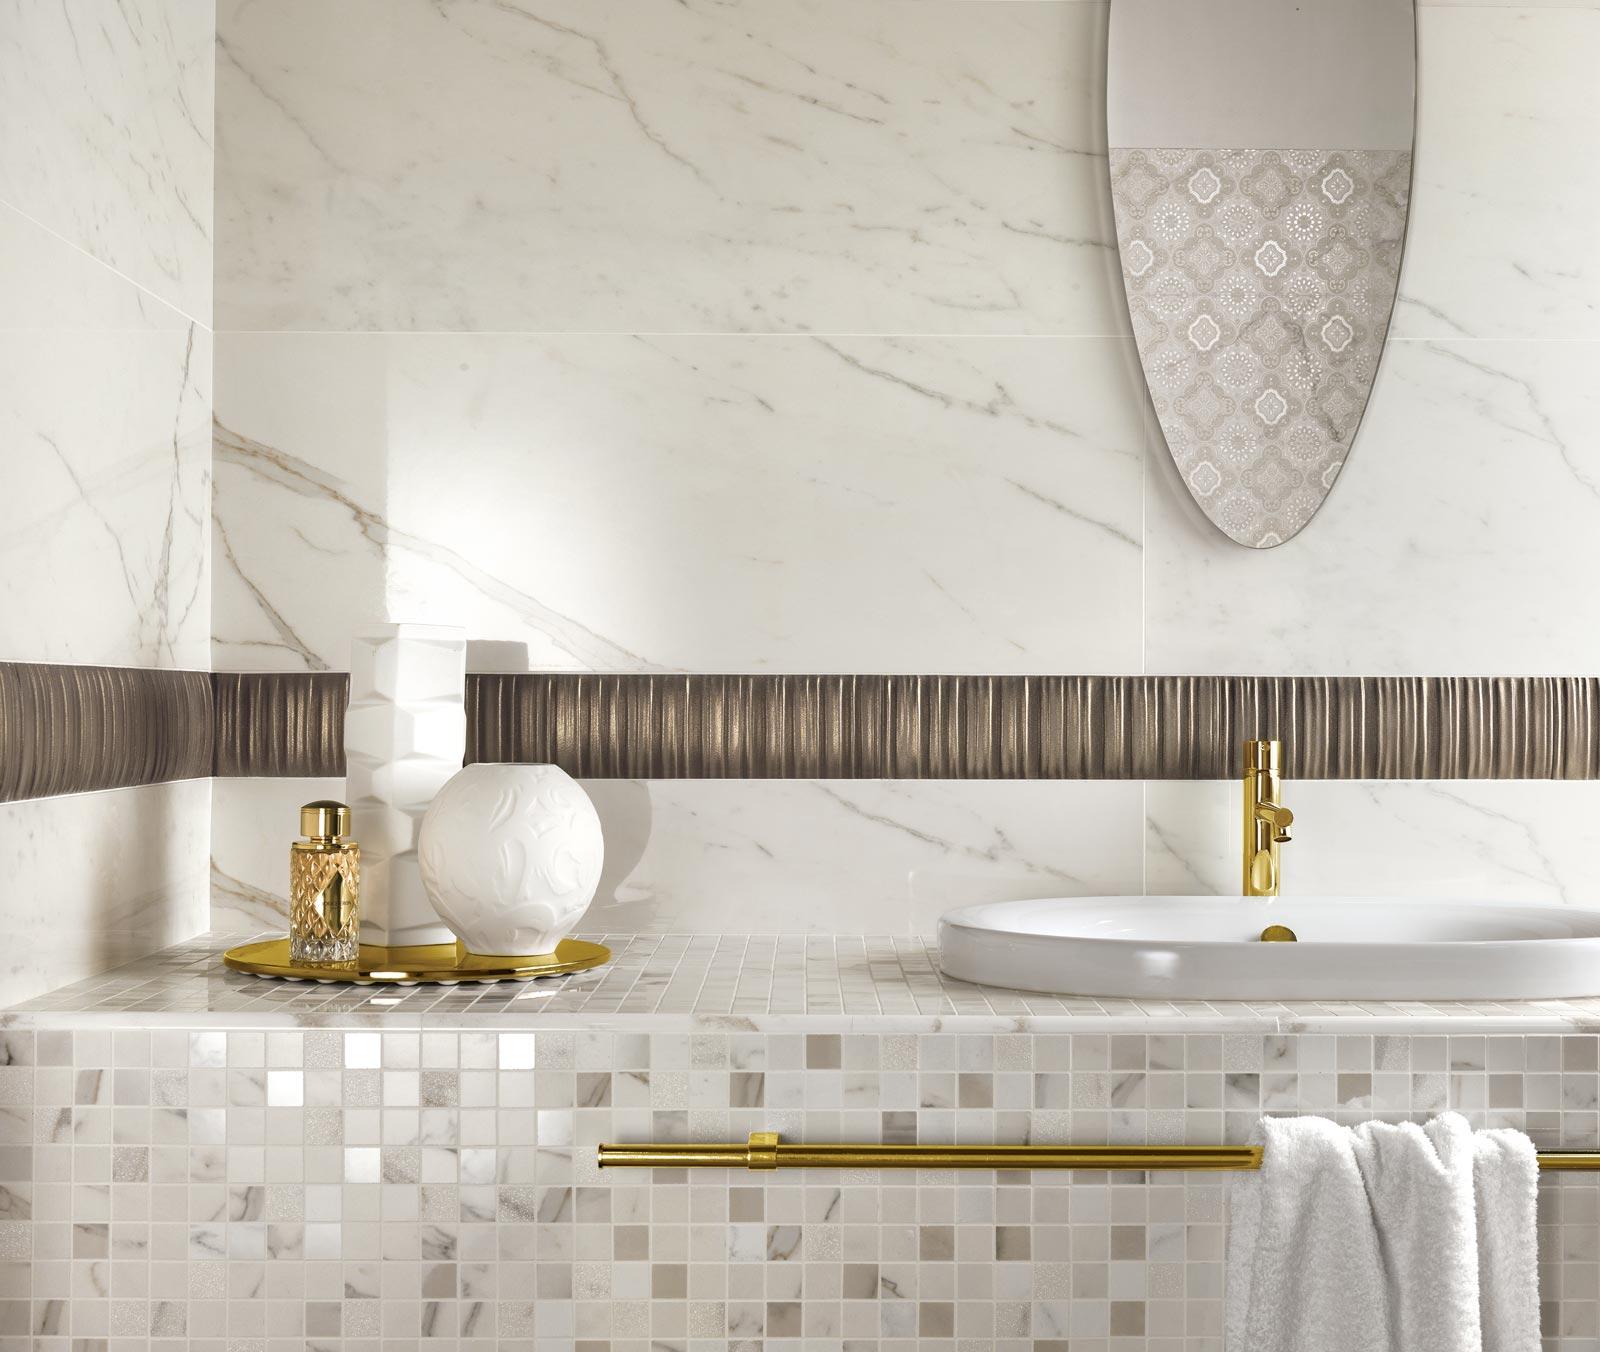 Estremamente Collezione Daylight: Rivestimenti bagno effetto marmo | Ragno FH51